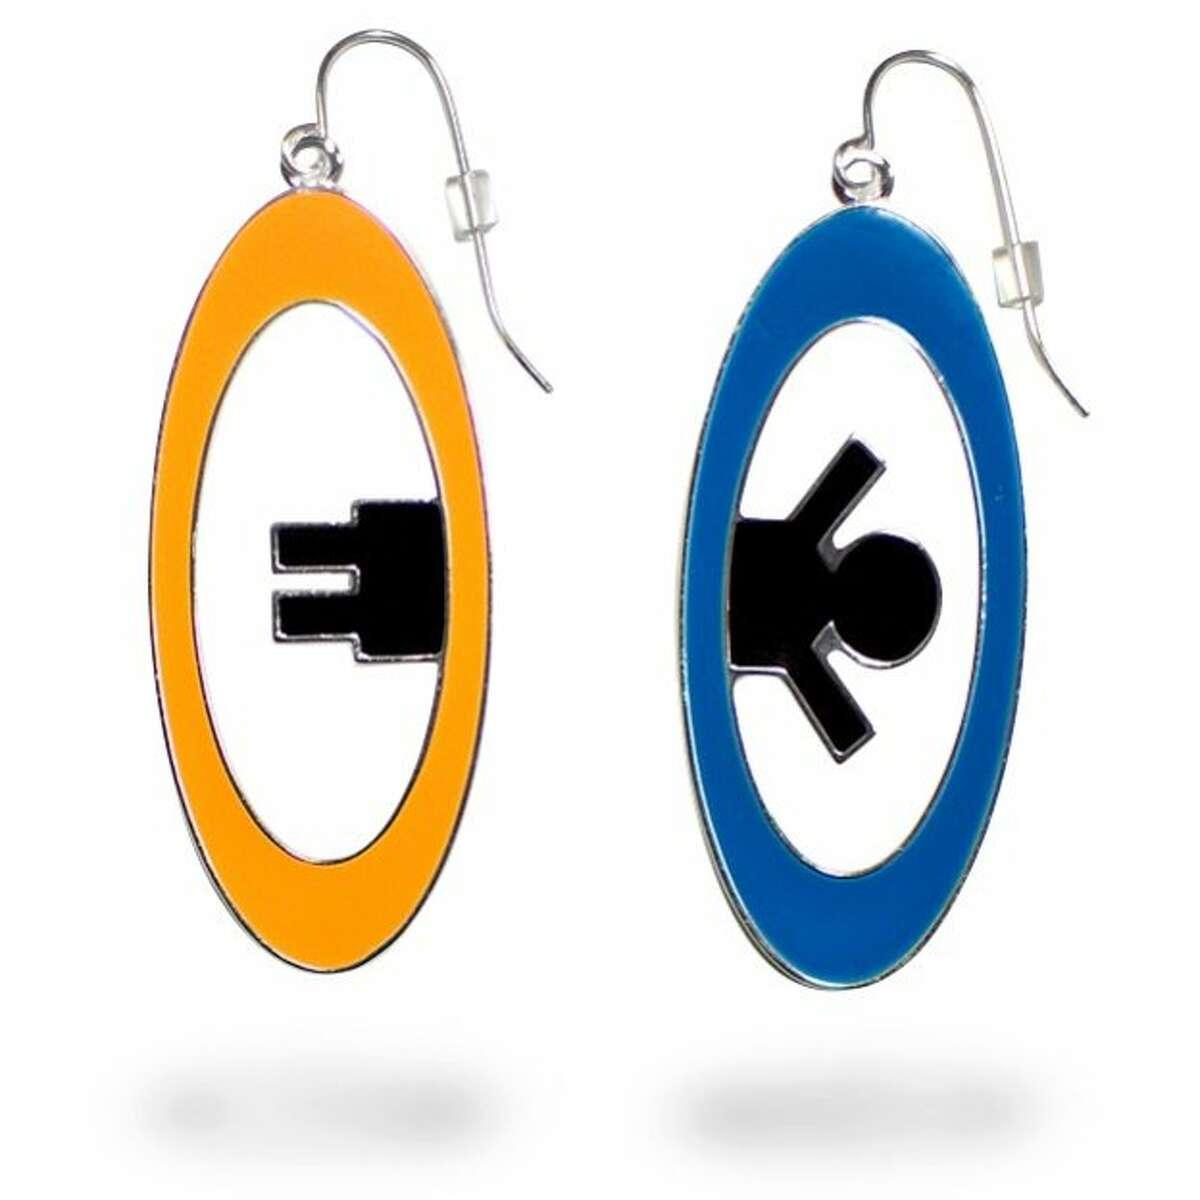 Portal earrings from Thinkgeek.com